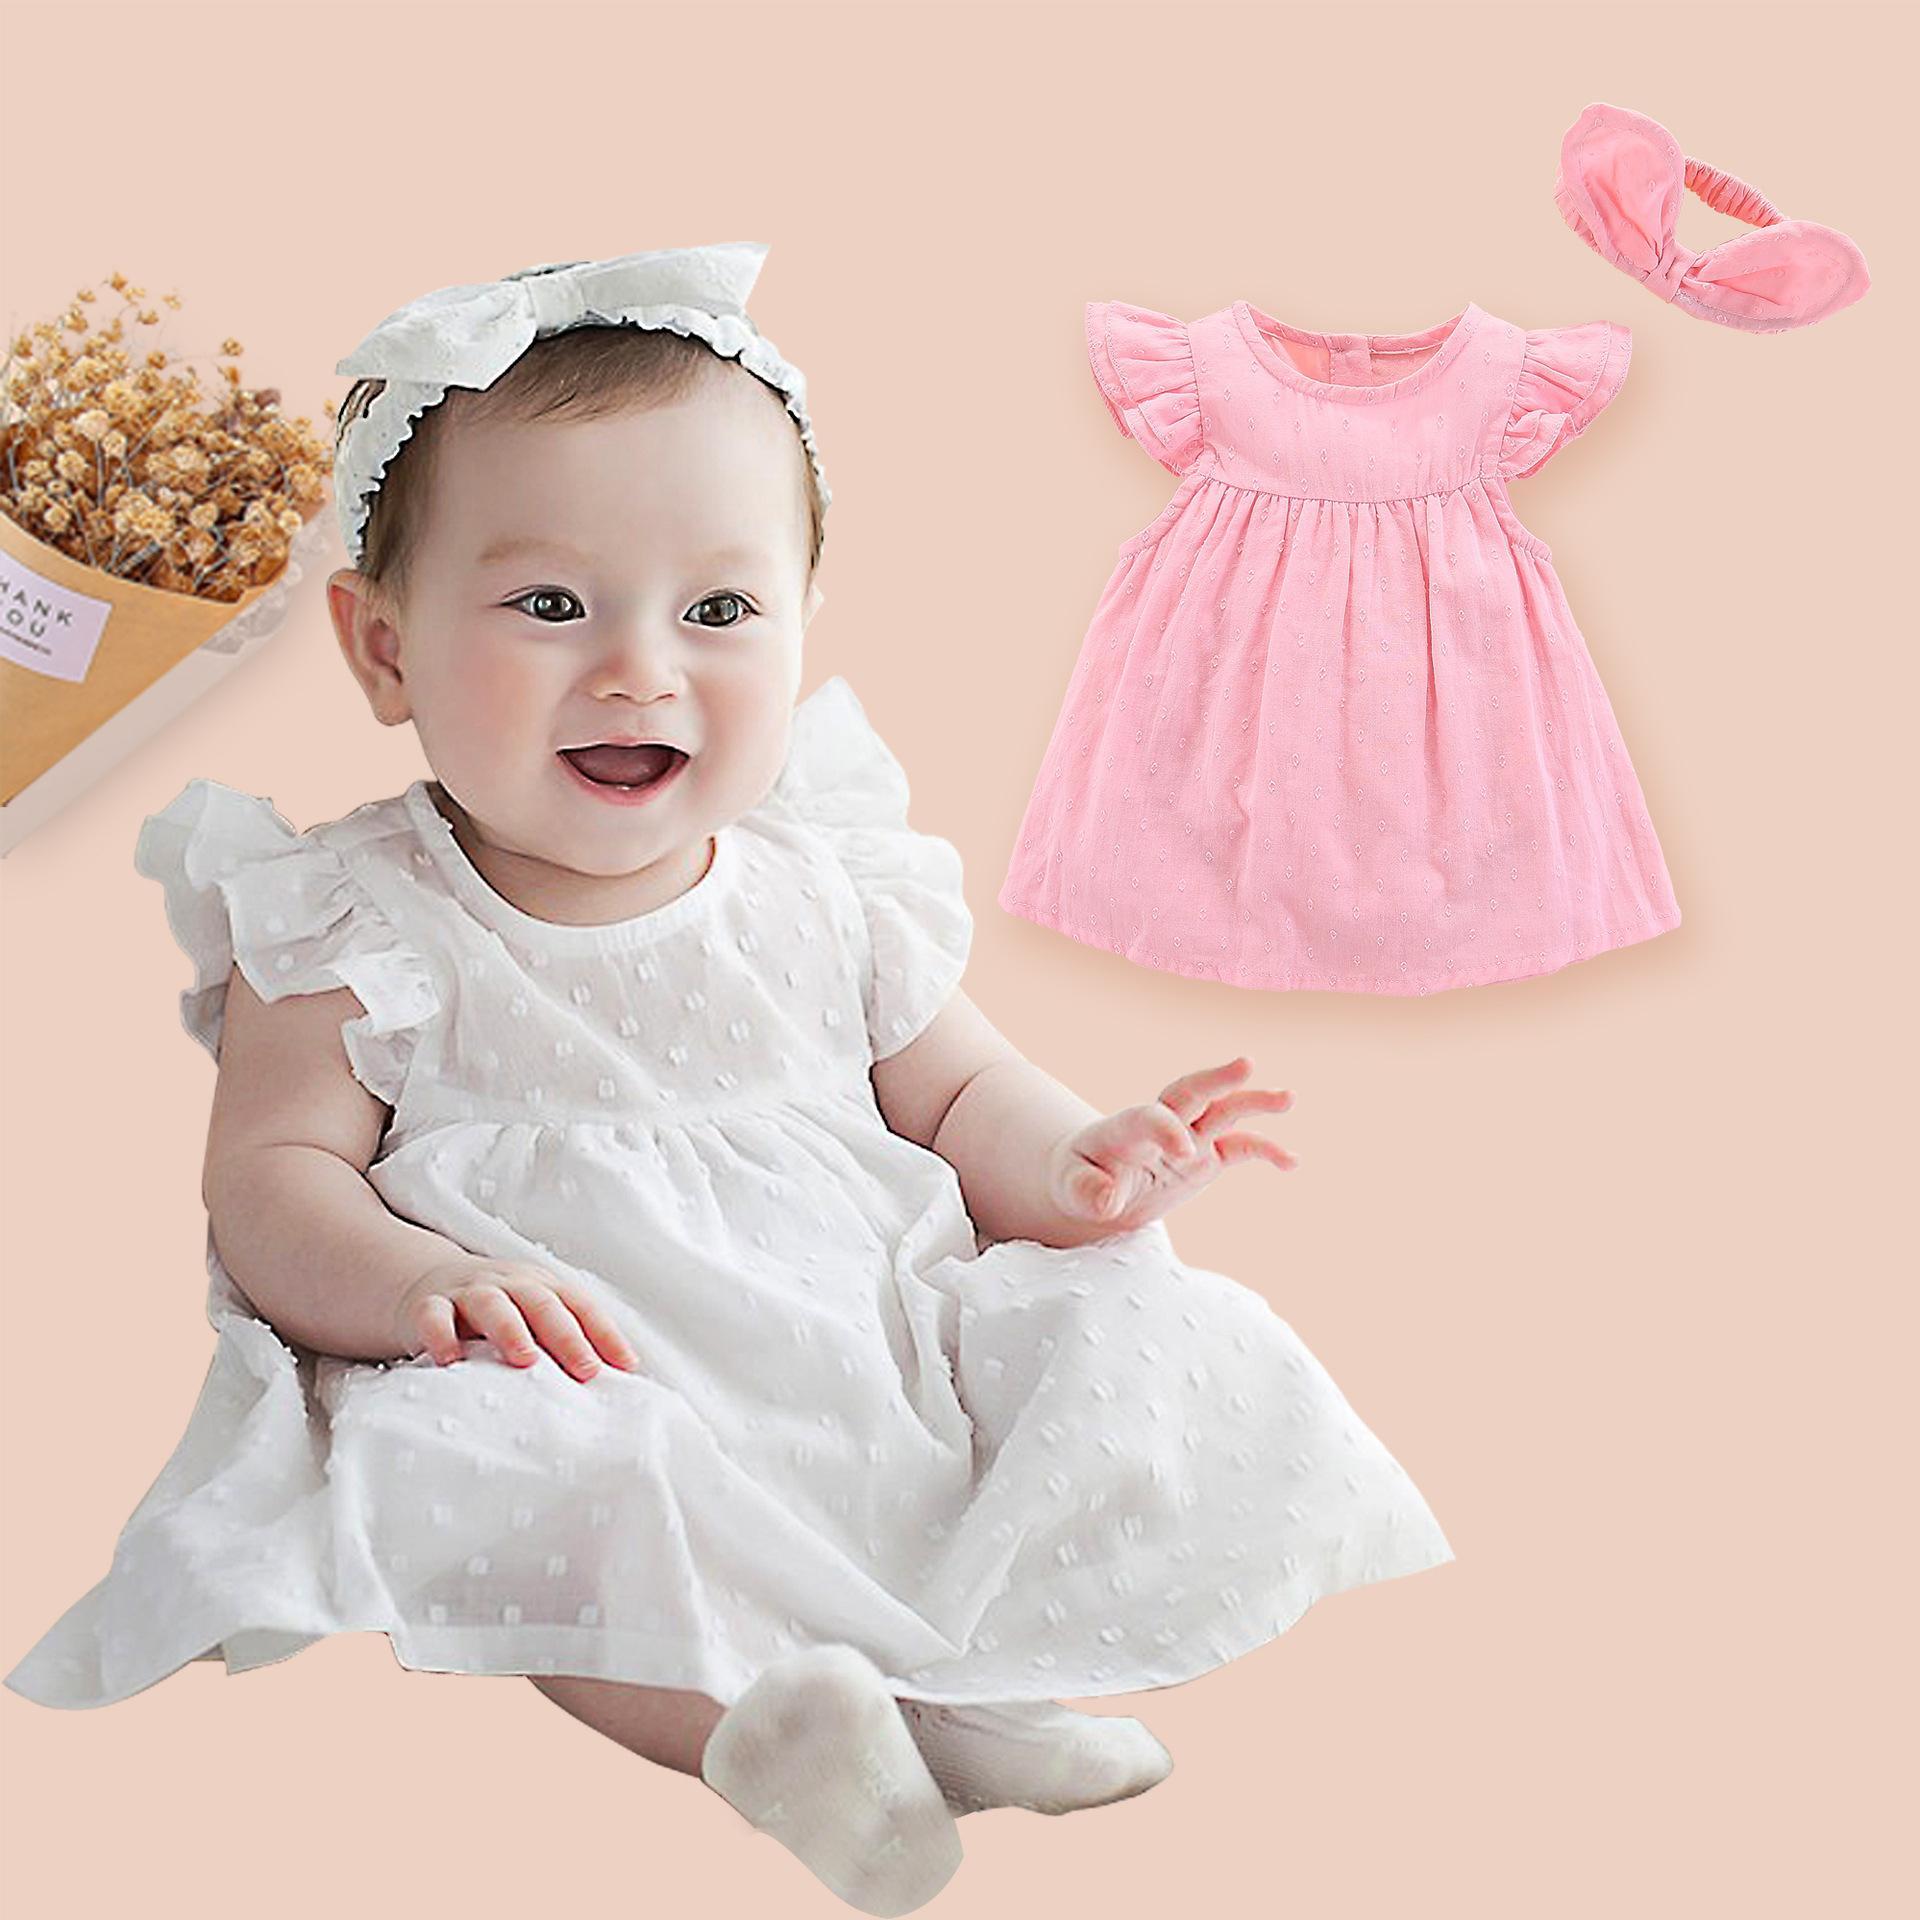 8 Newborn Baby Girl Clothes 8 8 Months Summer Cotton 2819 Baby